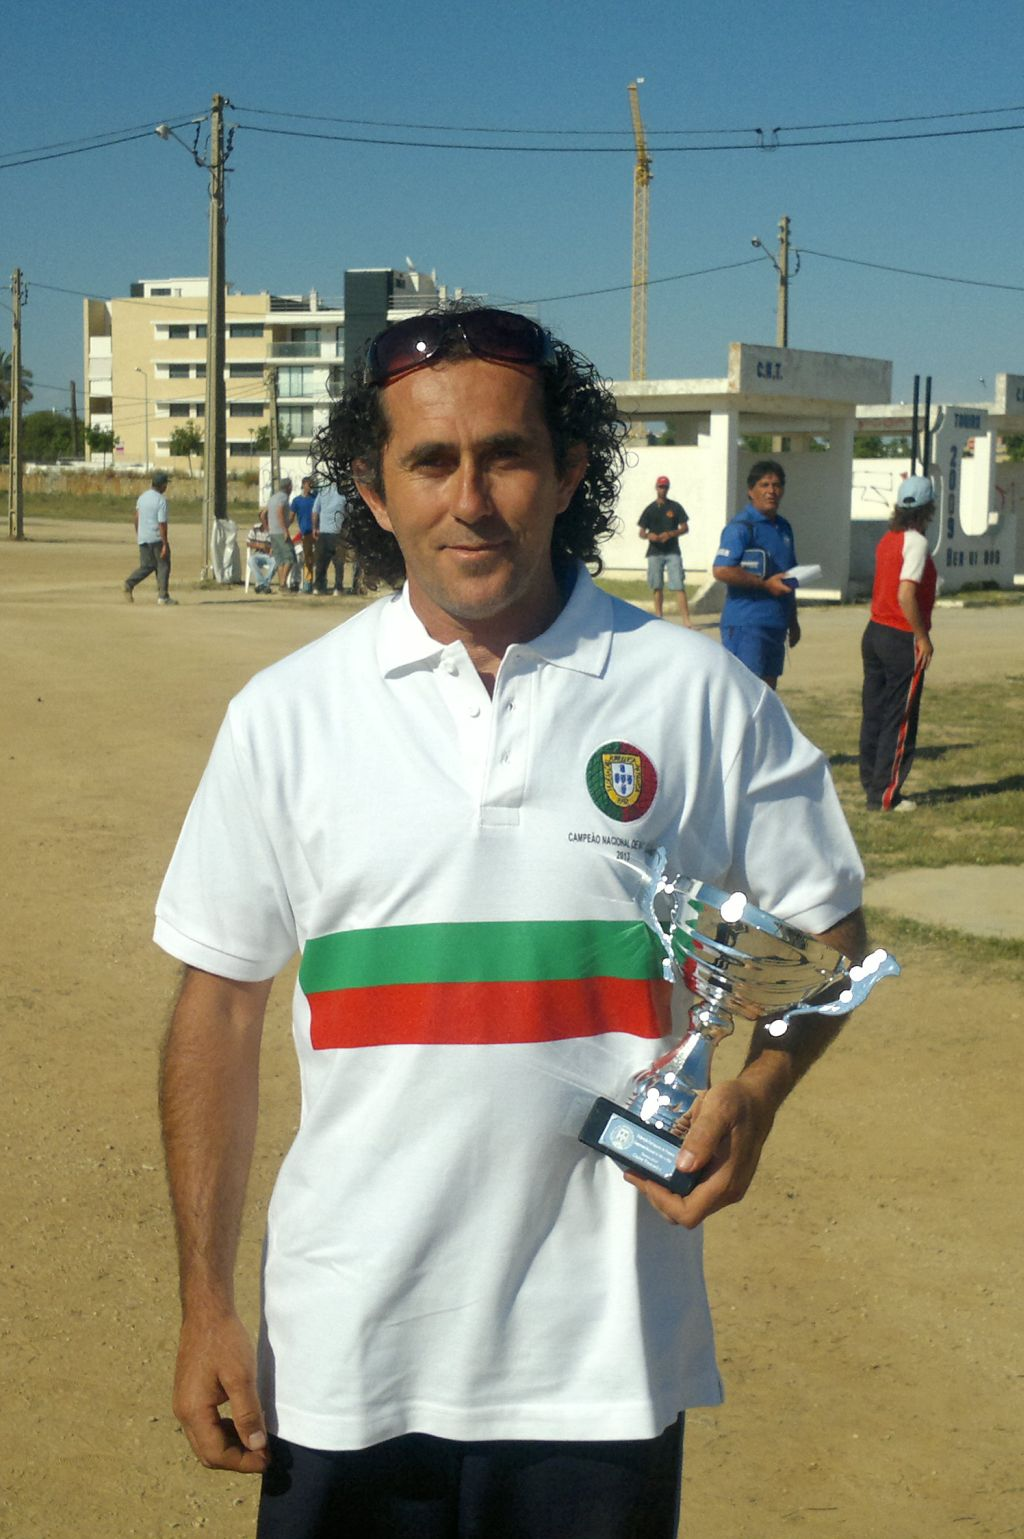 1º Classificado - Fernando Jorge, Clube Petanca escola de Loulé